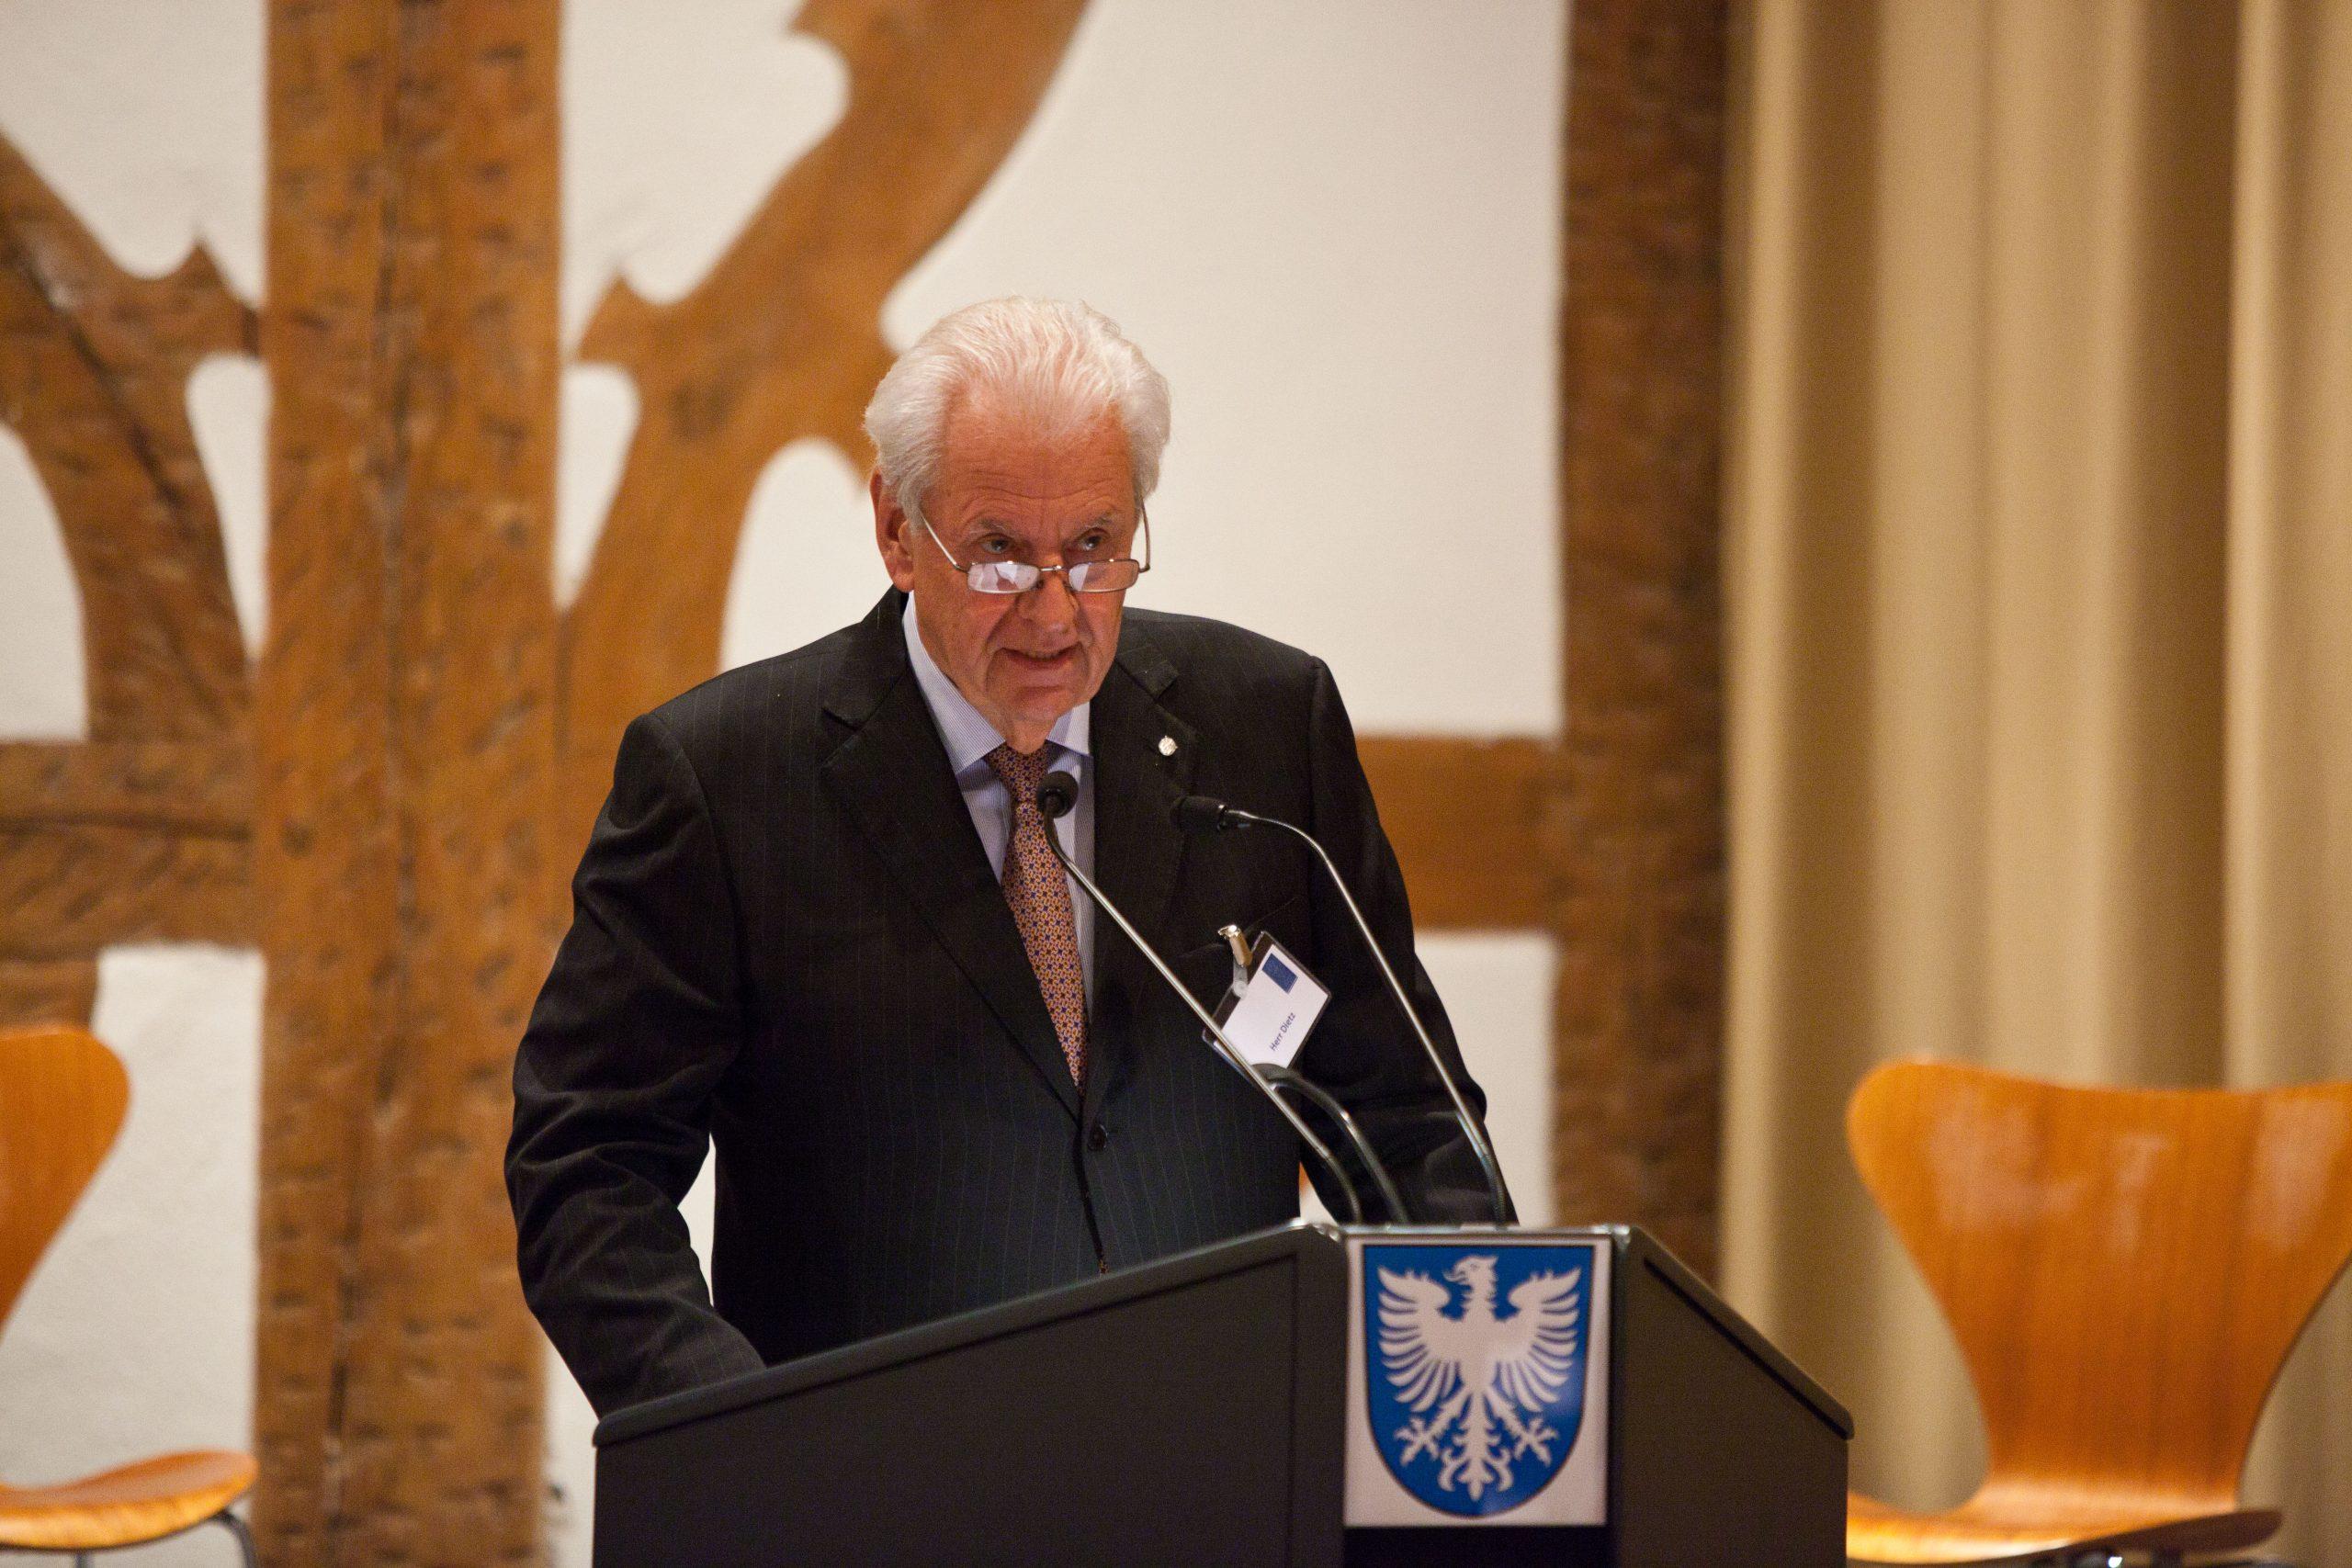 Jahresveranstaltung 2017 Horst Dietz bei seiner Begrüßung. Foto: Pressebüro Stefan Pfister/Schweinfurt